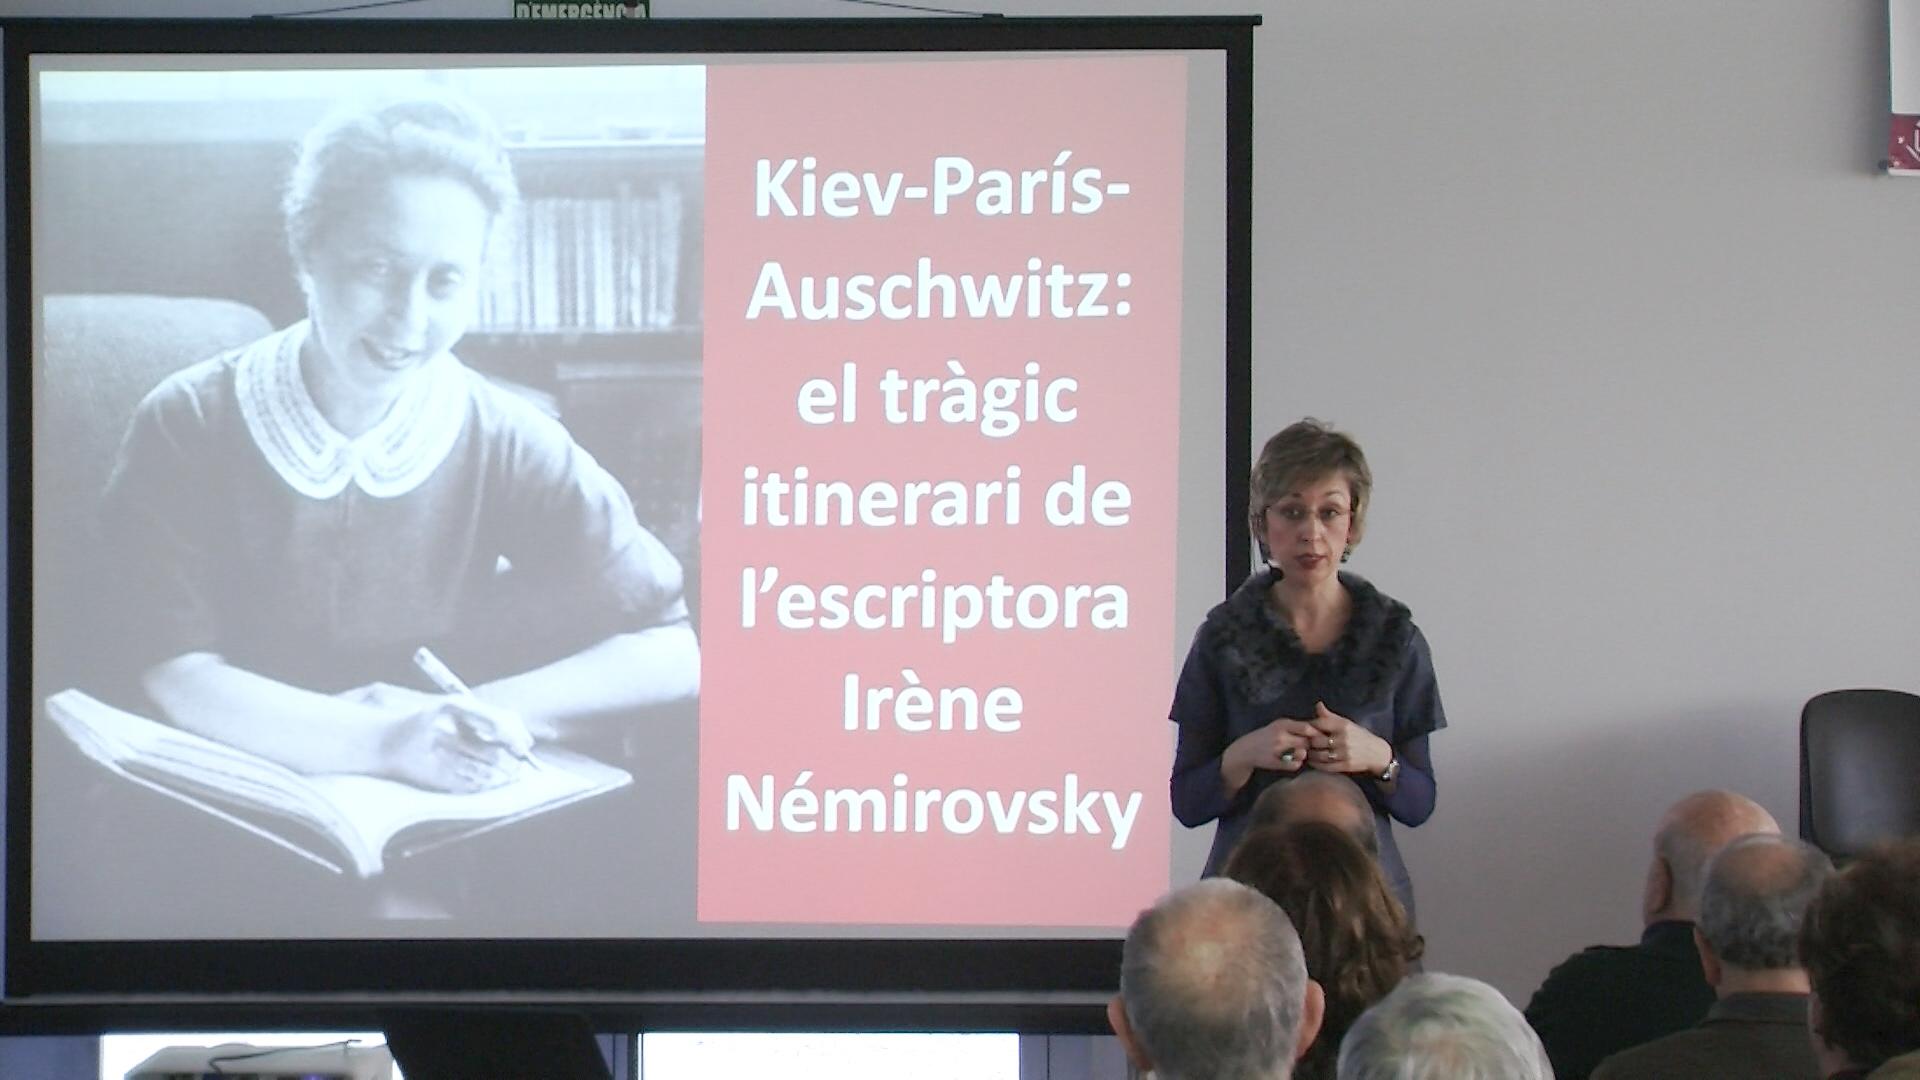 Kiev-París-Auschwitz: el tràgic itinerari de l'escriptora Irène Némirovsky